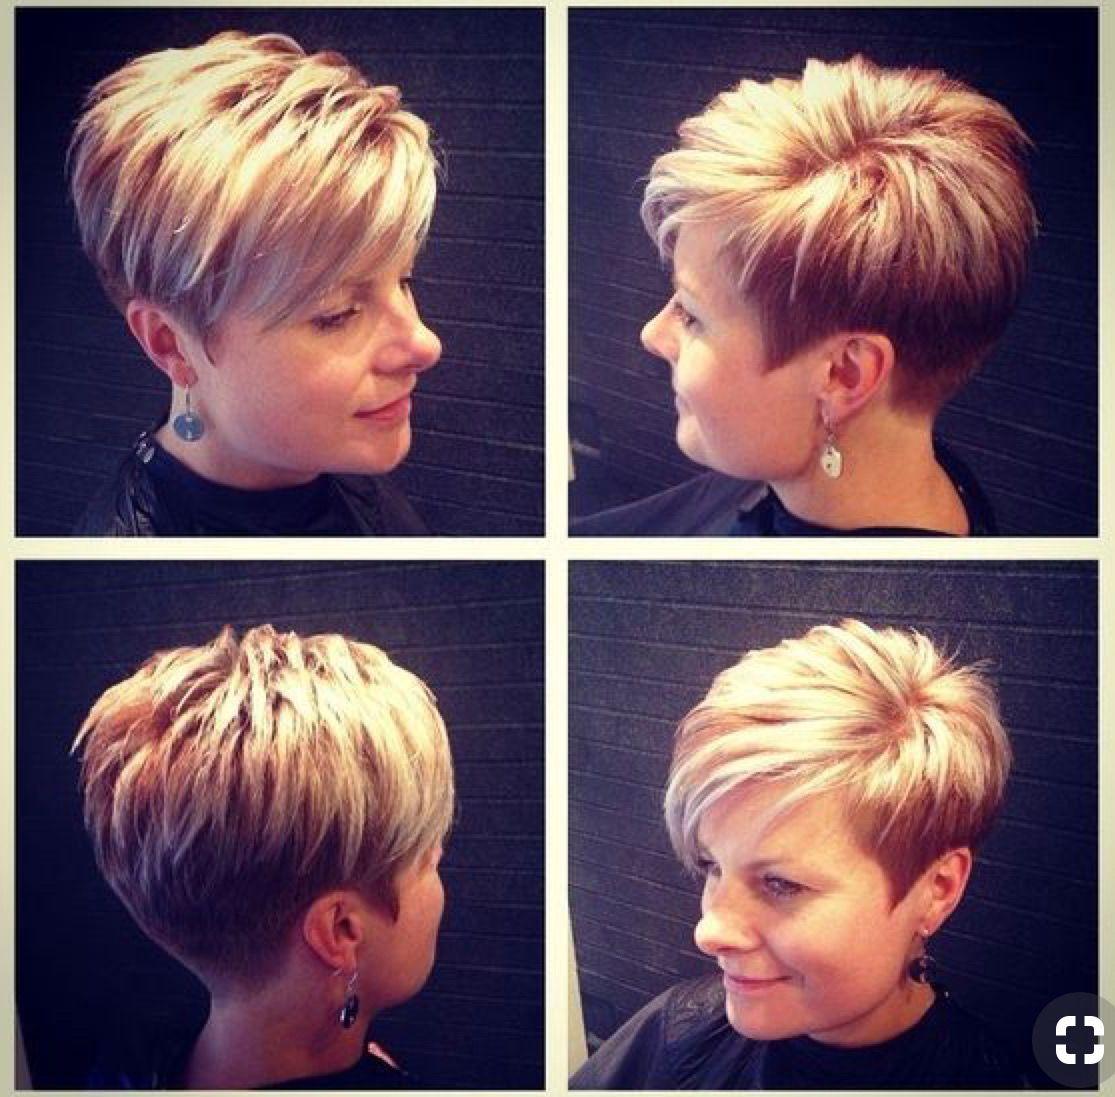 Pin Van Patricia Jackson Op Haircuts Korte Kapsels Dames Kapsels Kapsels Voor Kort Haar